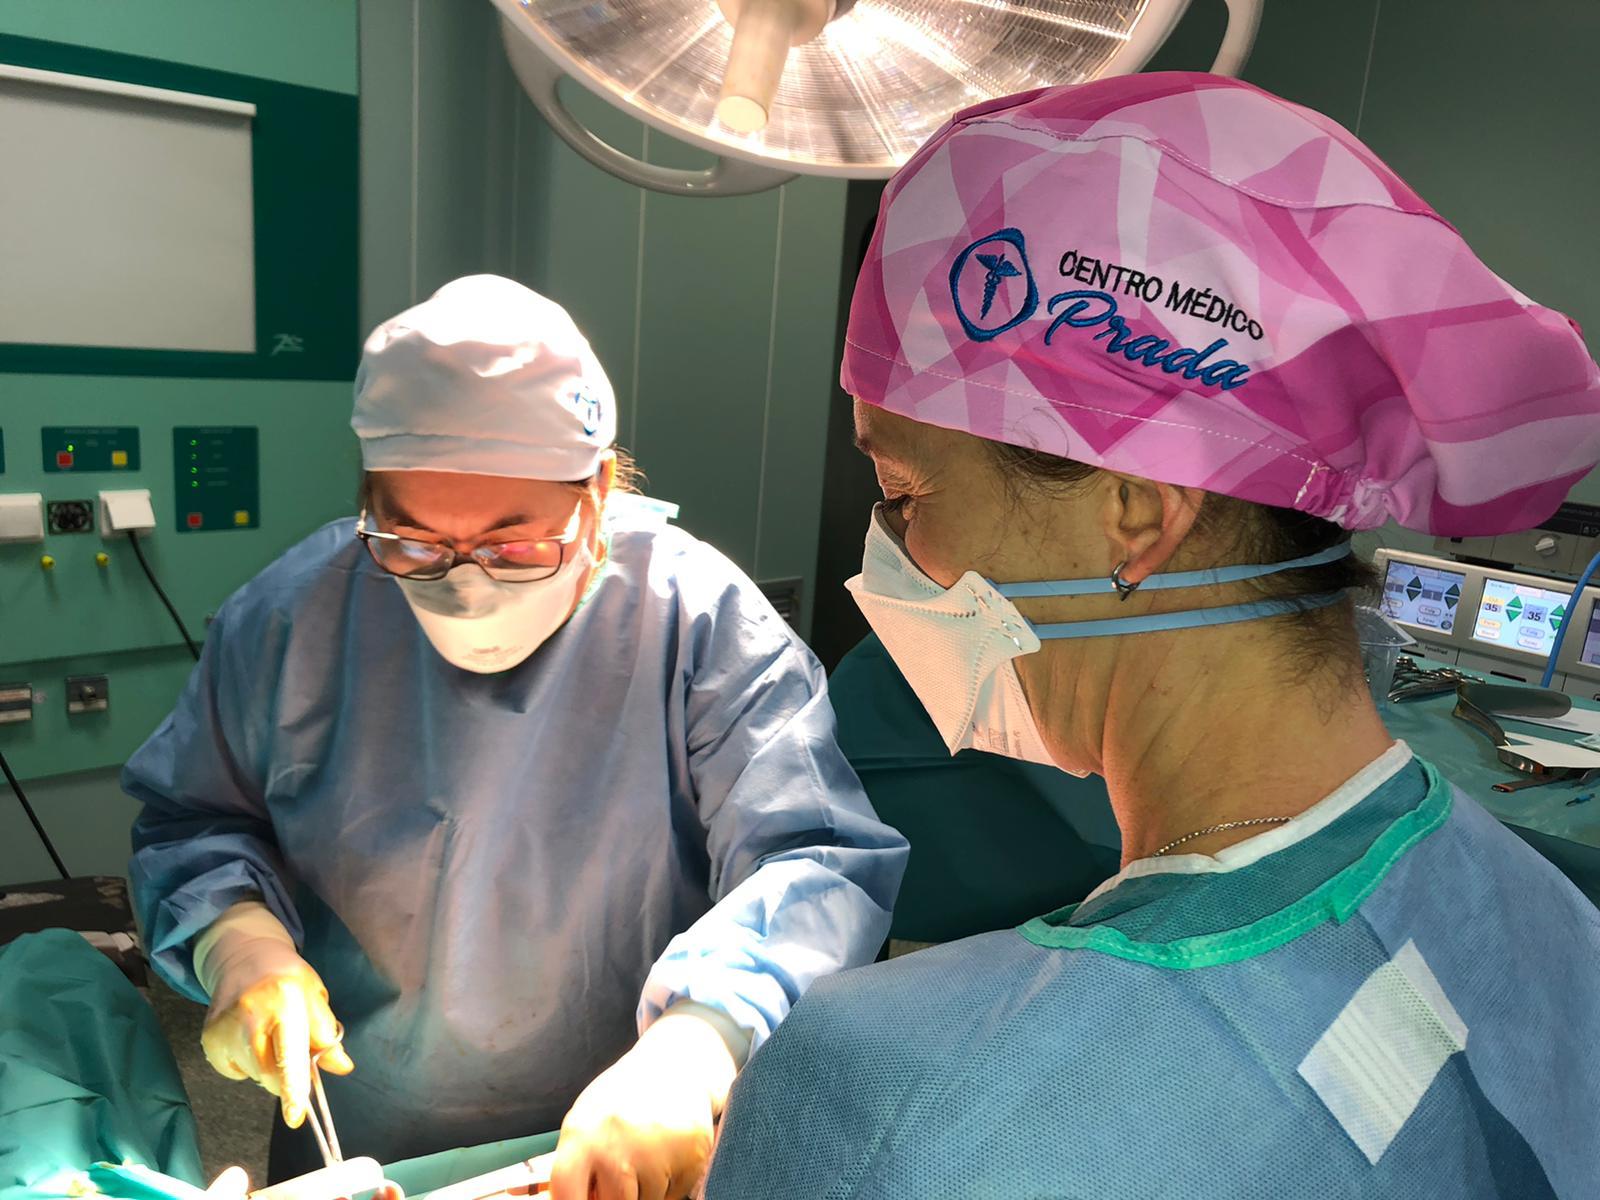 abdominoplastia en Centro Médico Prada, cirujanos plásticos Sevilla